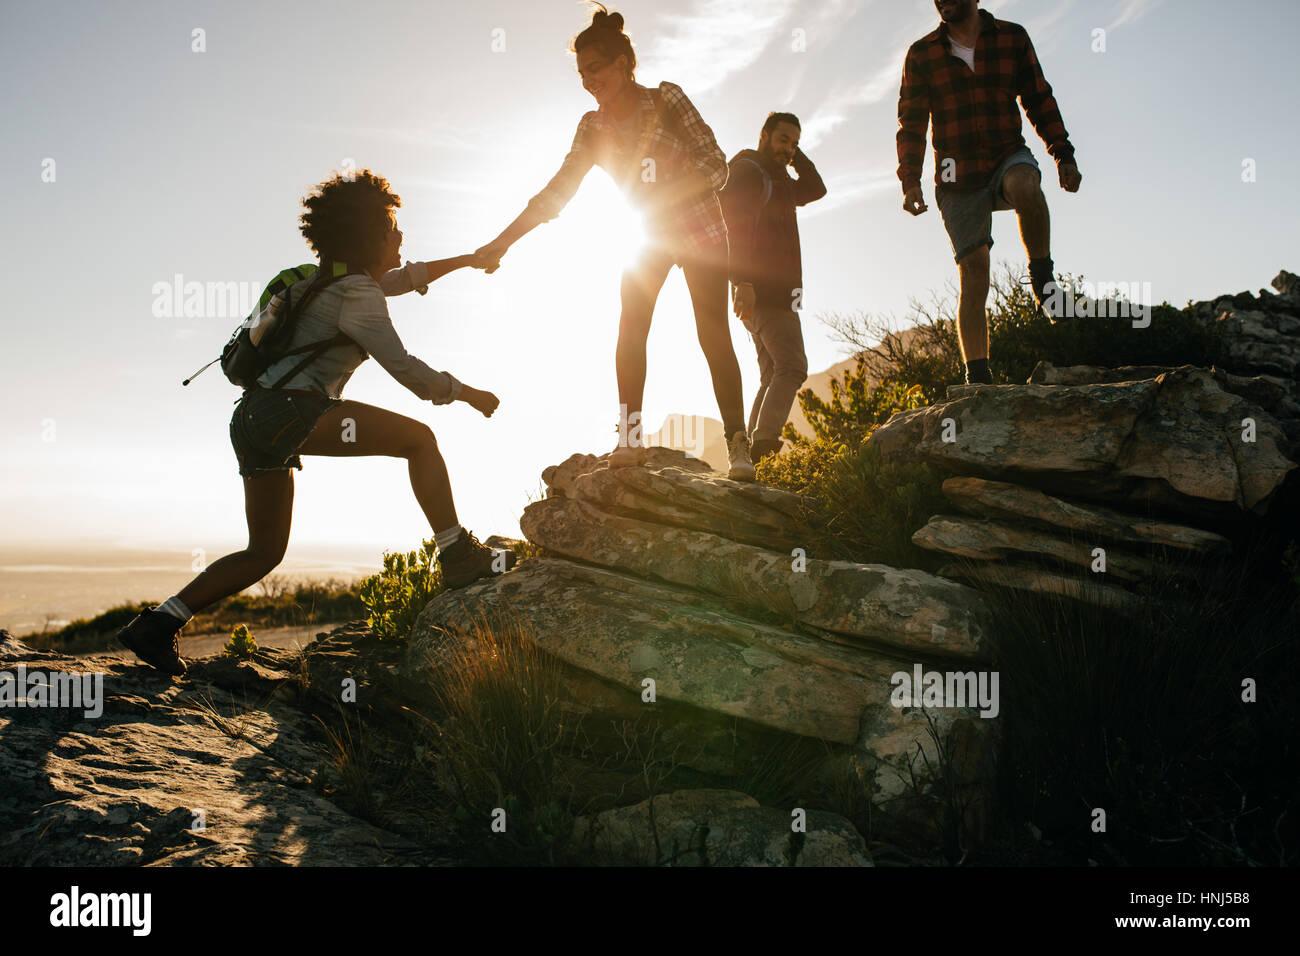 Gruppe von Wanderern auf einem Berg. Frau helfen, ihre Freundin zu einen Felsen zu klettern. Junge Leute am Berg Stockbild